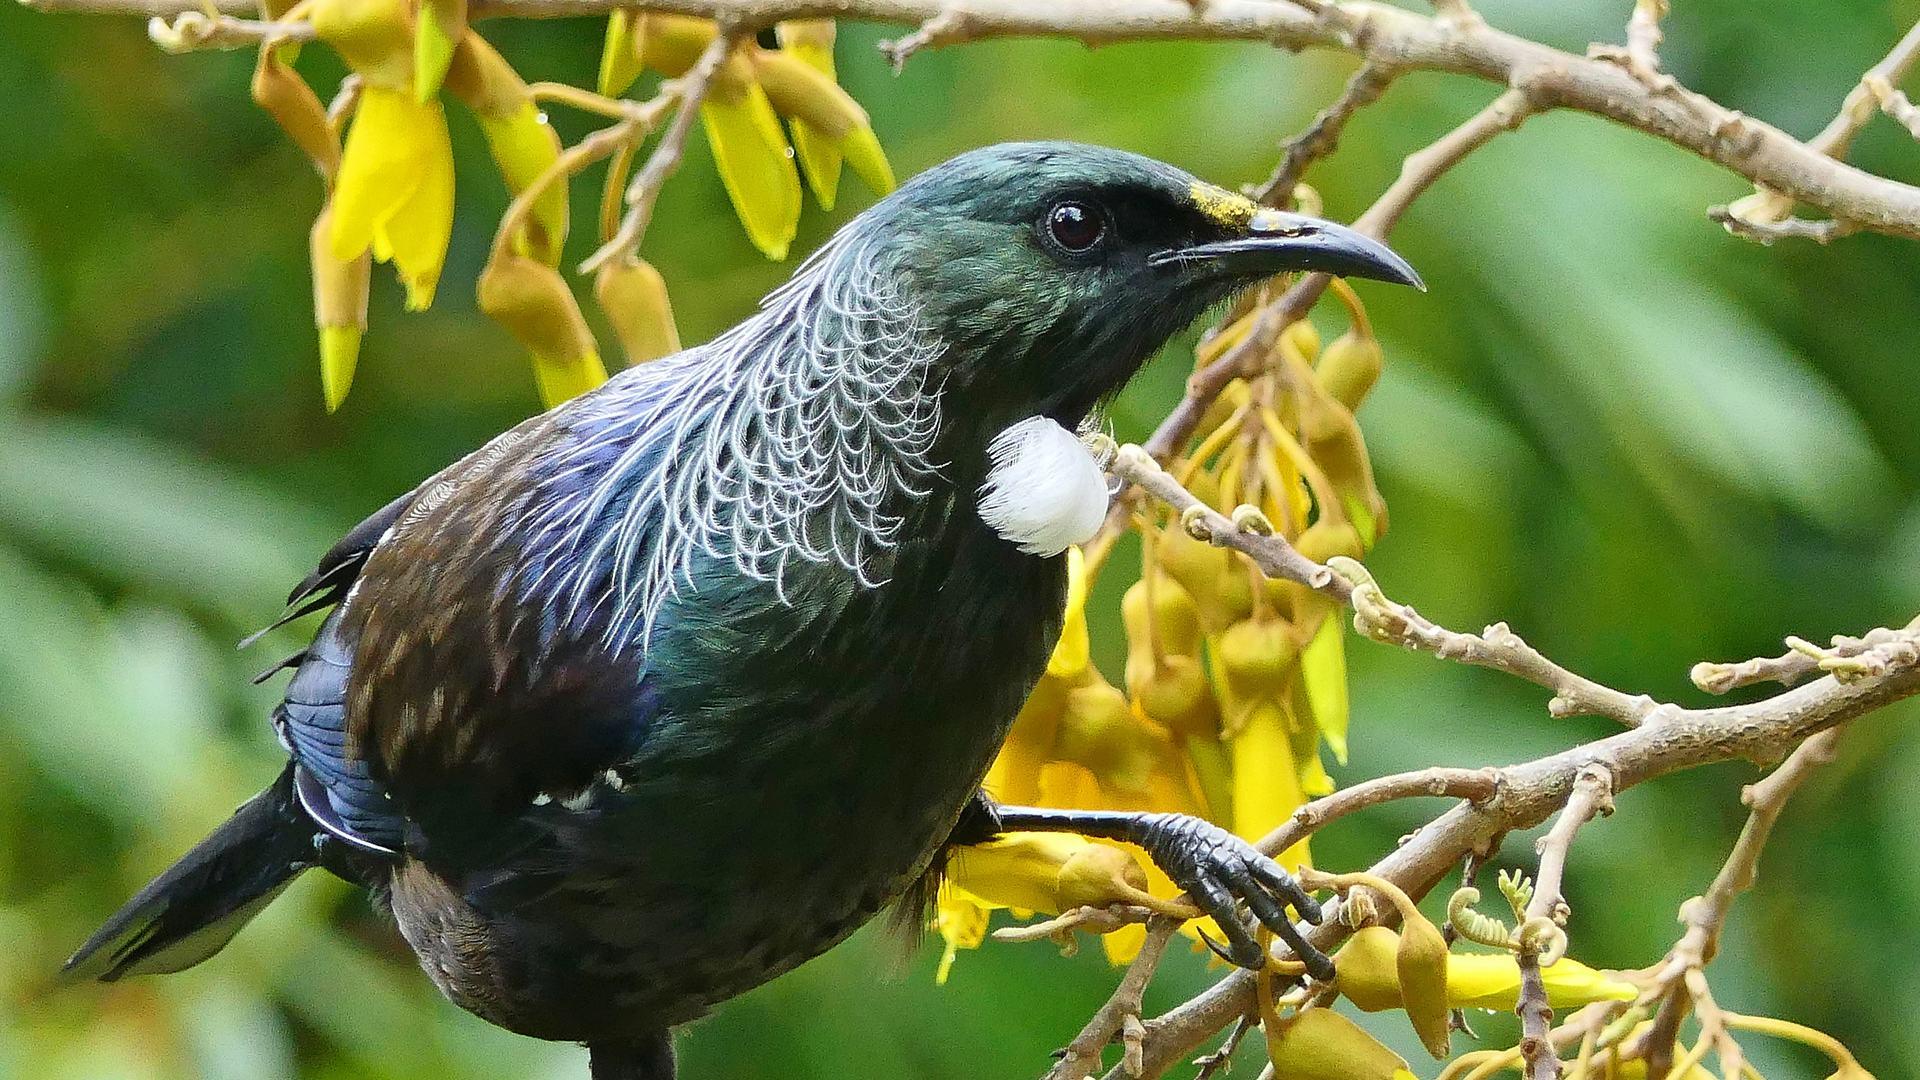 Tui Bird on Kowhai Tree Warkworth